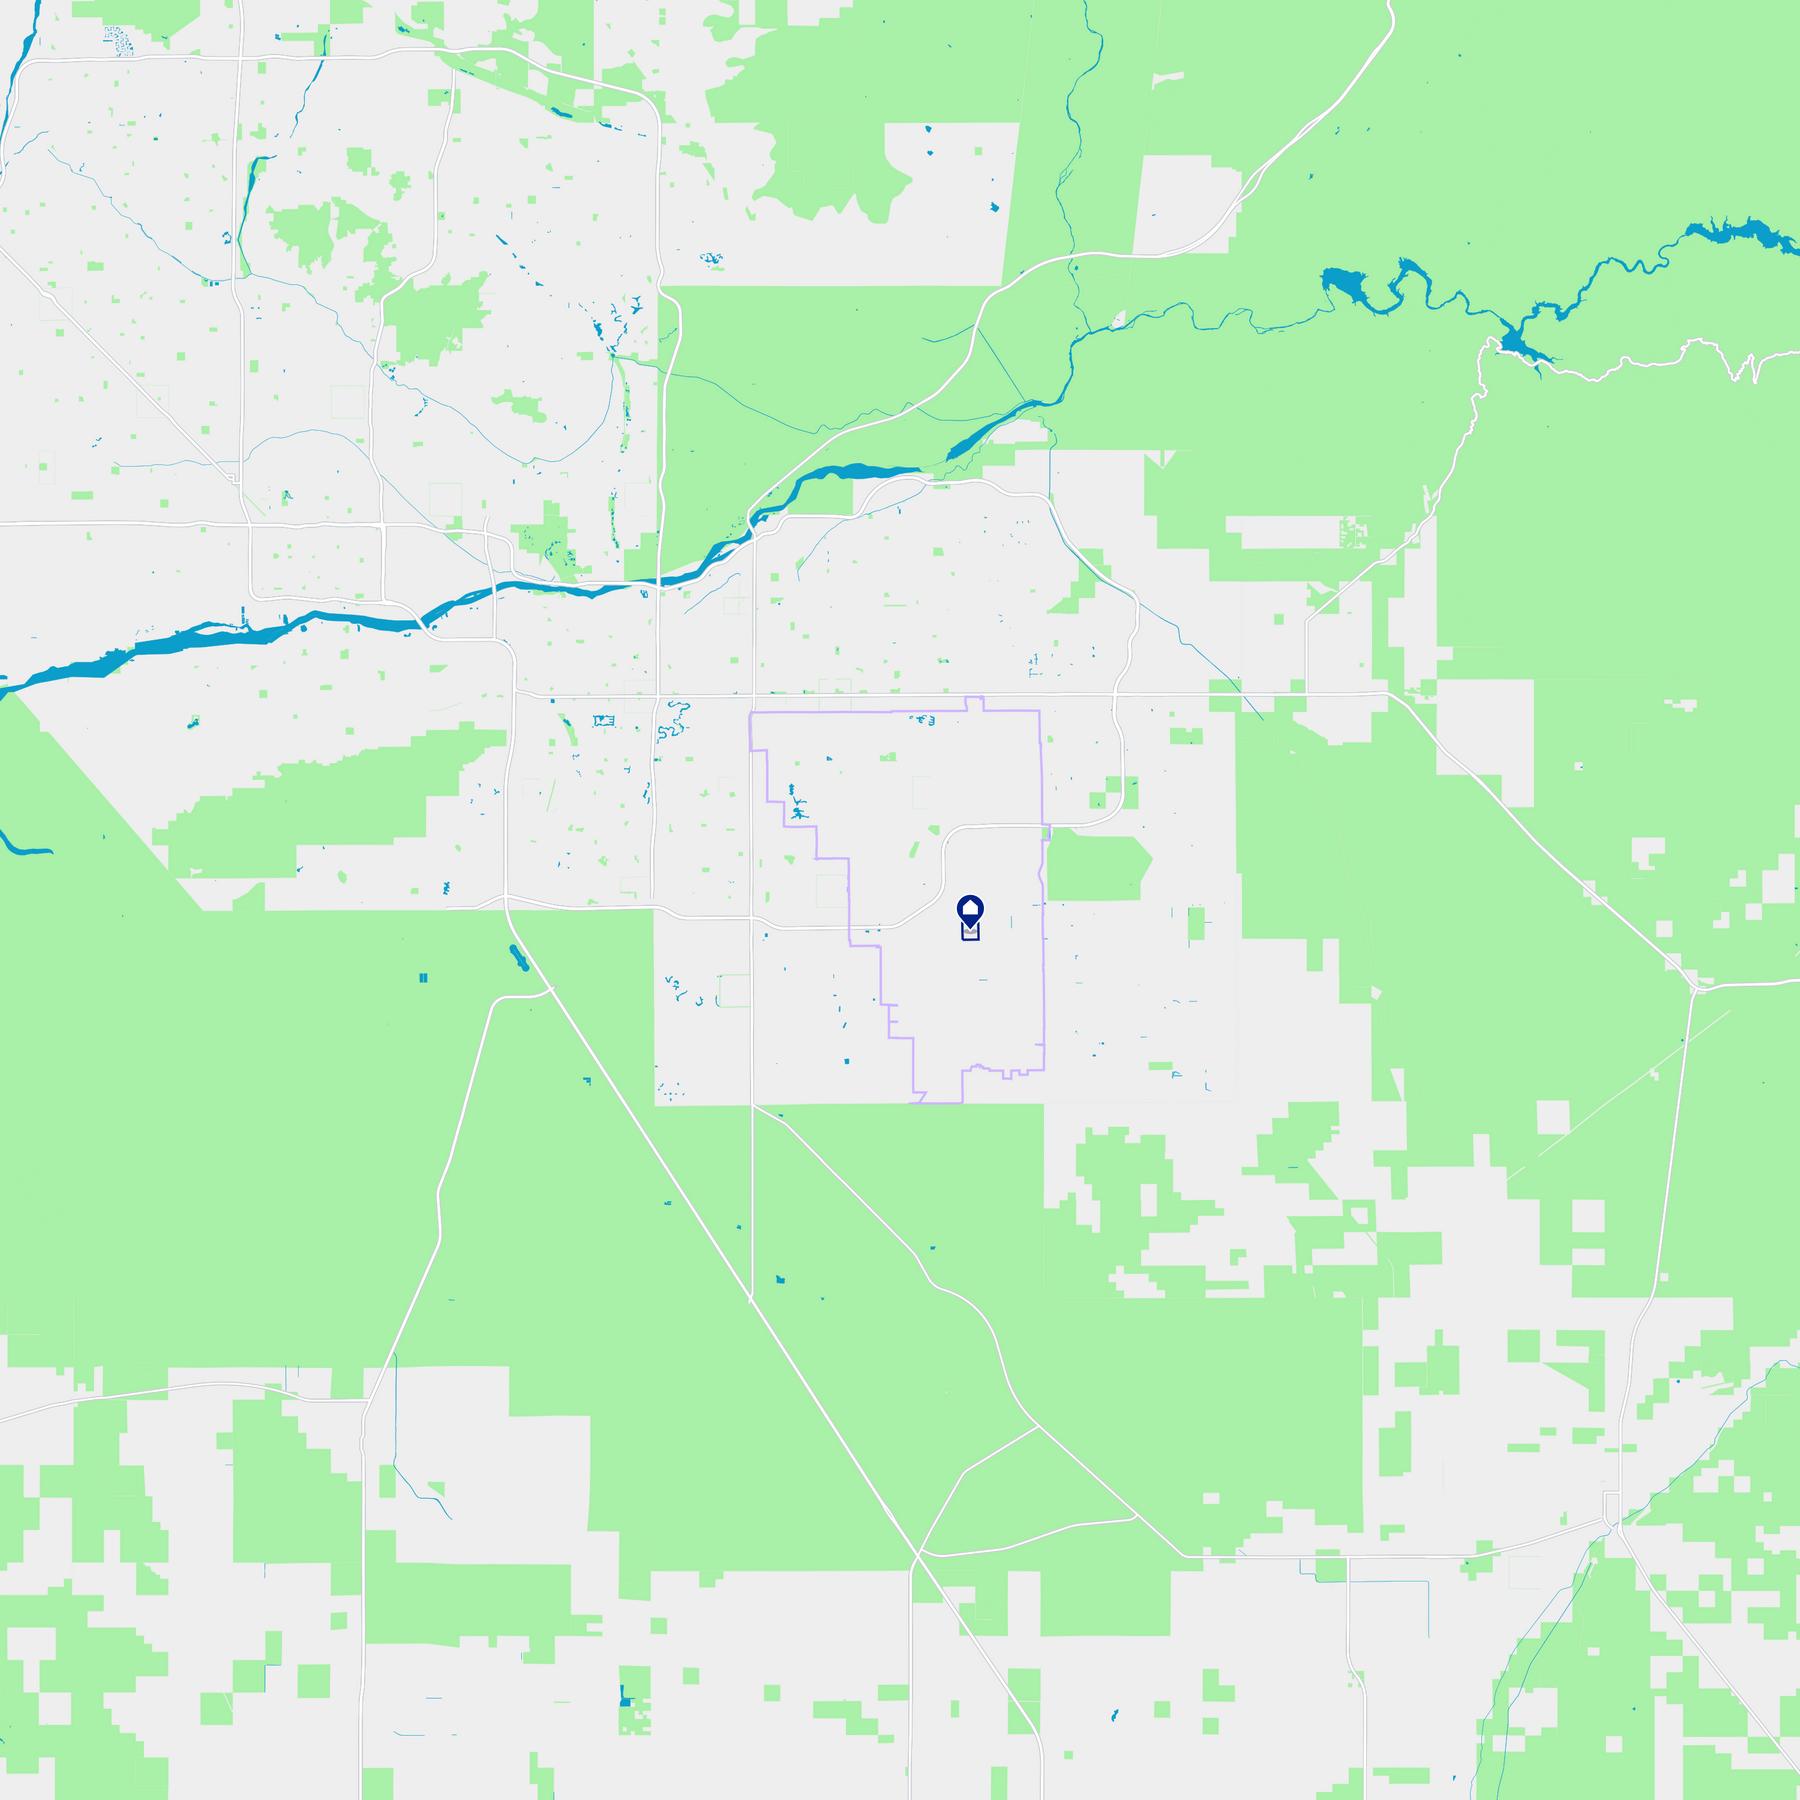 Stratland Estates, Gilbert AZ - Neighborhood Guide   Trulia on gilbert street map, gilbert and baseline map, gilbert il map, casa grande, gilbert arizona on map, gilbert ar, queen creek, gilbert tx map, gilbert pa map, sun city, phoenix metropolitan area, gilbert high school map, gilbert nc map, gilbert mn map, heber overgaard map, chandler gilbert map, gilbert city map, el mirage, gilbert ia map, maricopa county, bridges at gilbert subdivision map, paradise valley, gilbert california map, gilbert sc map, gilbert school district, apache junction, cave creek, arizona state map, fountain hills,